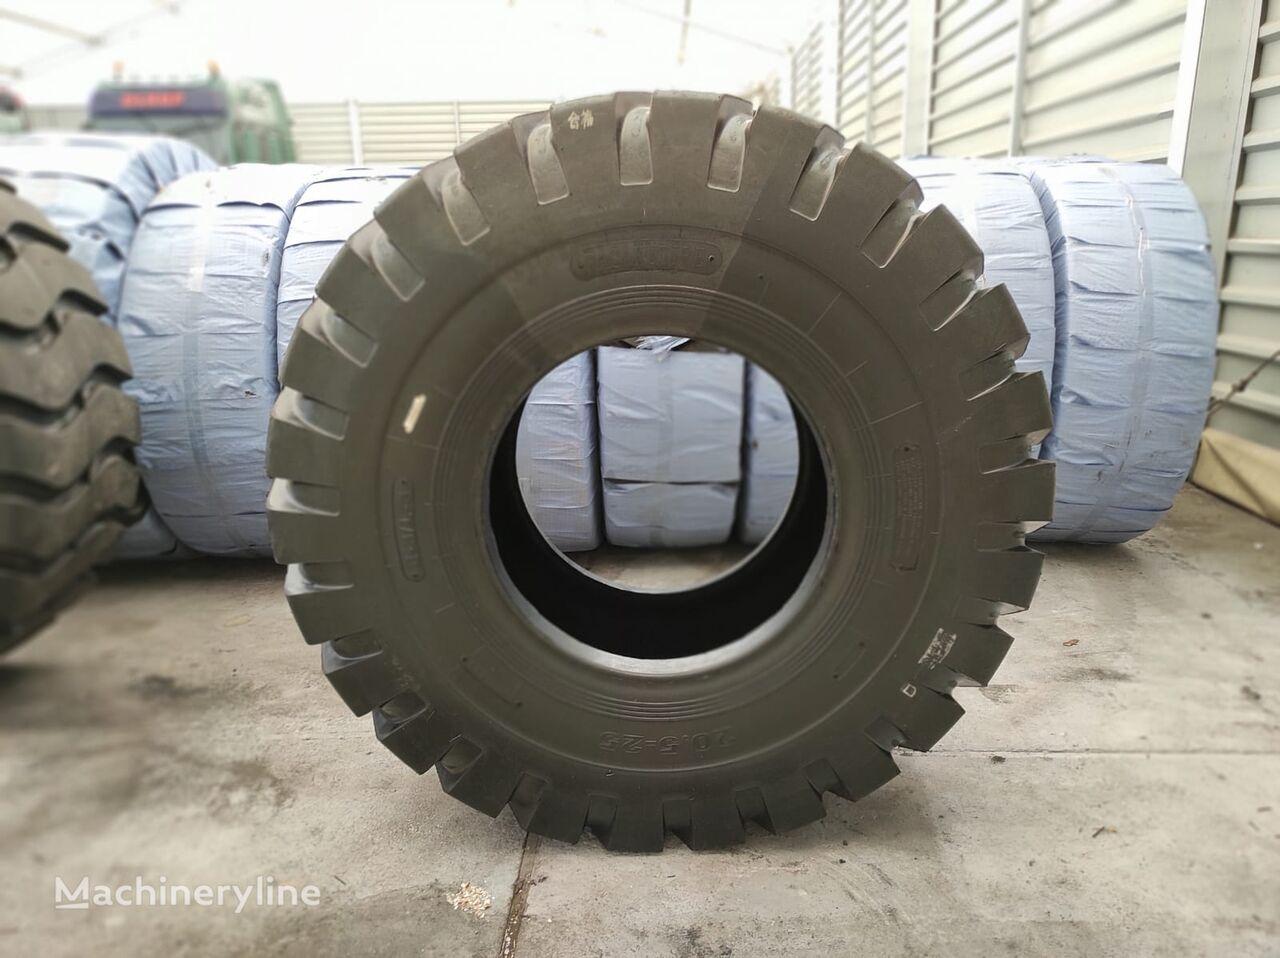 جديد إطار العجلة لآلة البناء Rasakutire 20,5R25 24 PR TL L3/E3